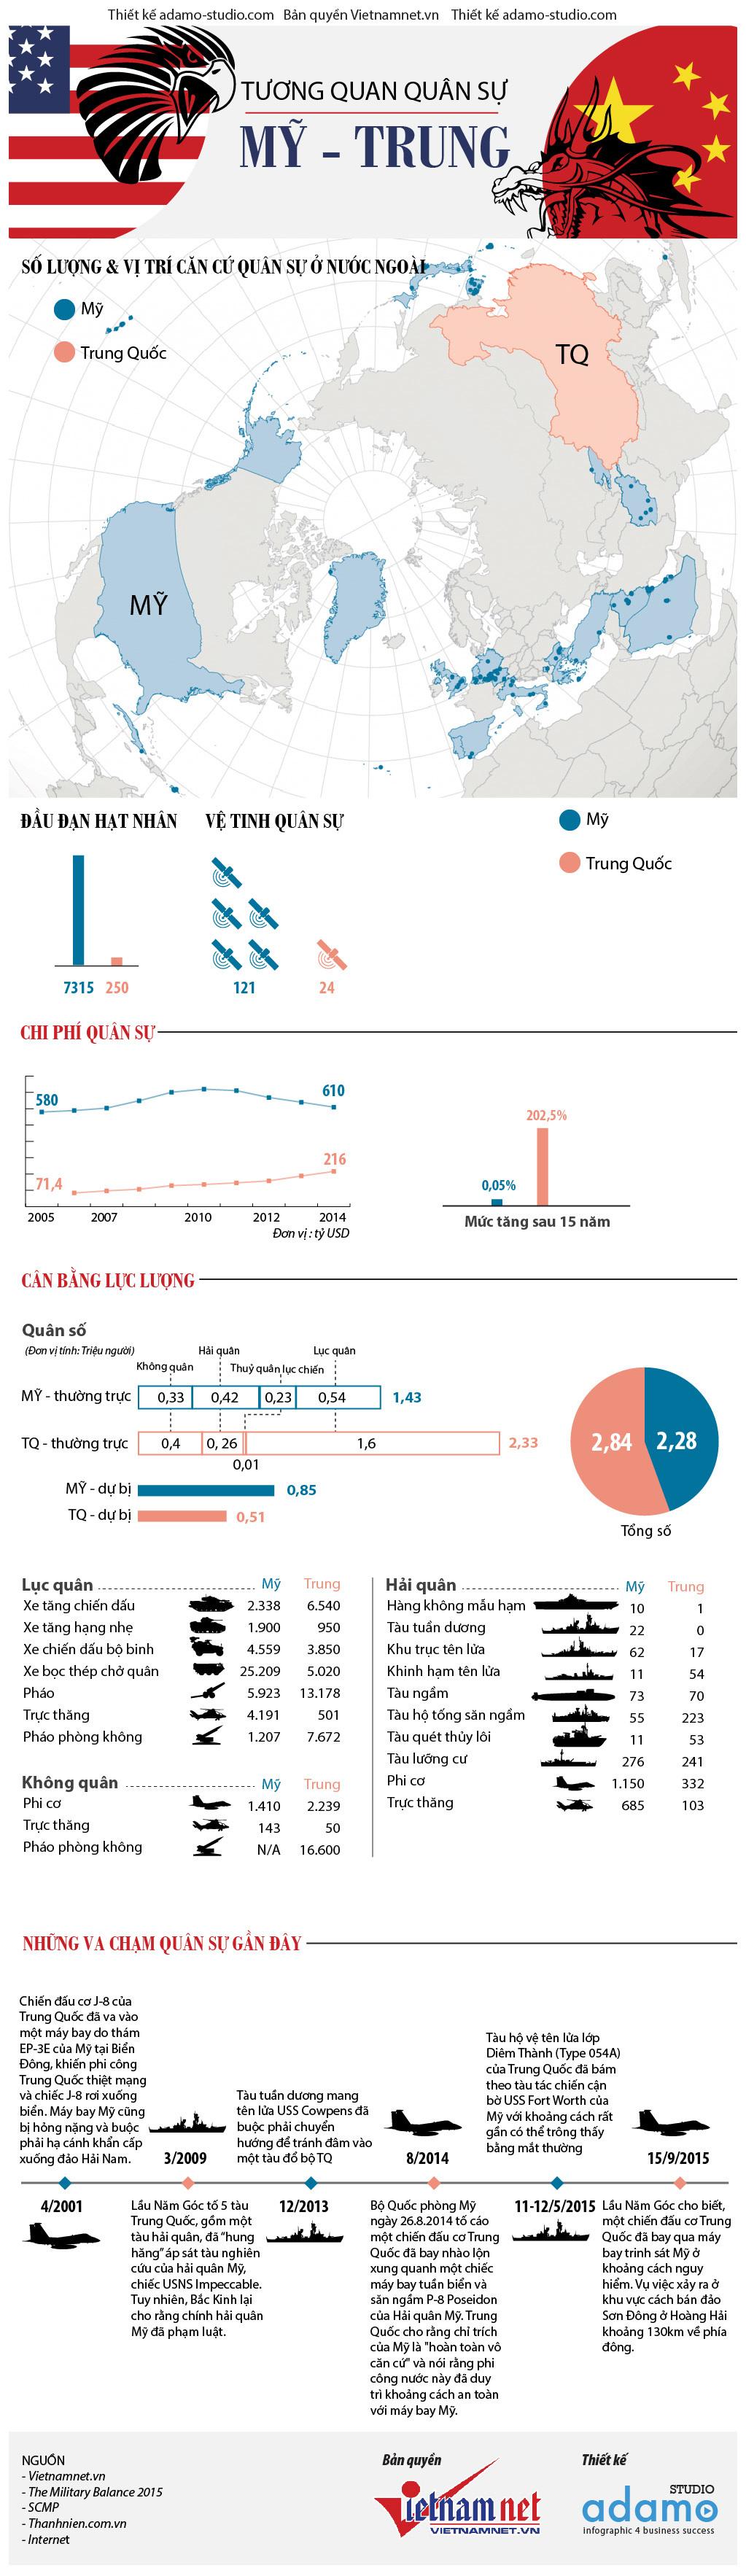 sức mạnh quân sự, đọ sức, so sánh, Mỹ, Trung Quốc